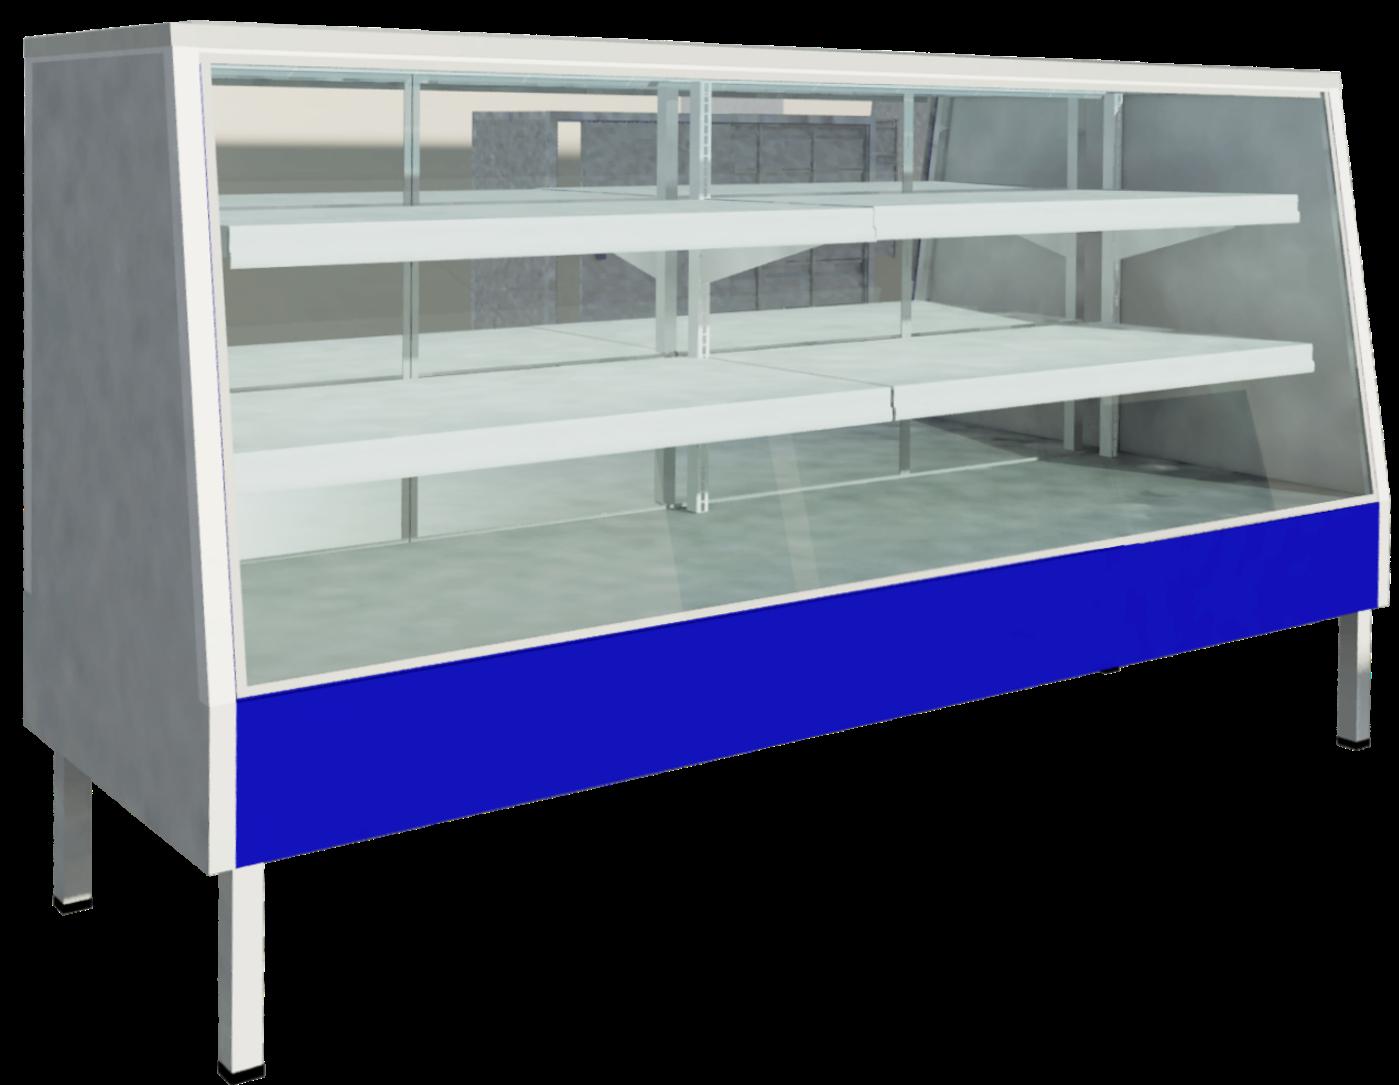 Muebles de tiendas mobiliario de oficina muebles de - Muebles de chapa metalica ...